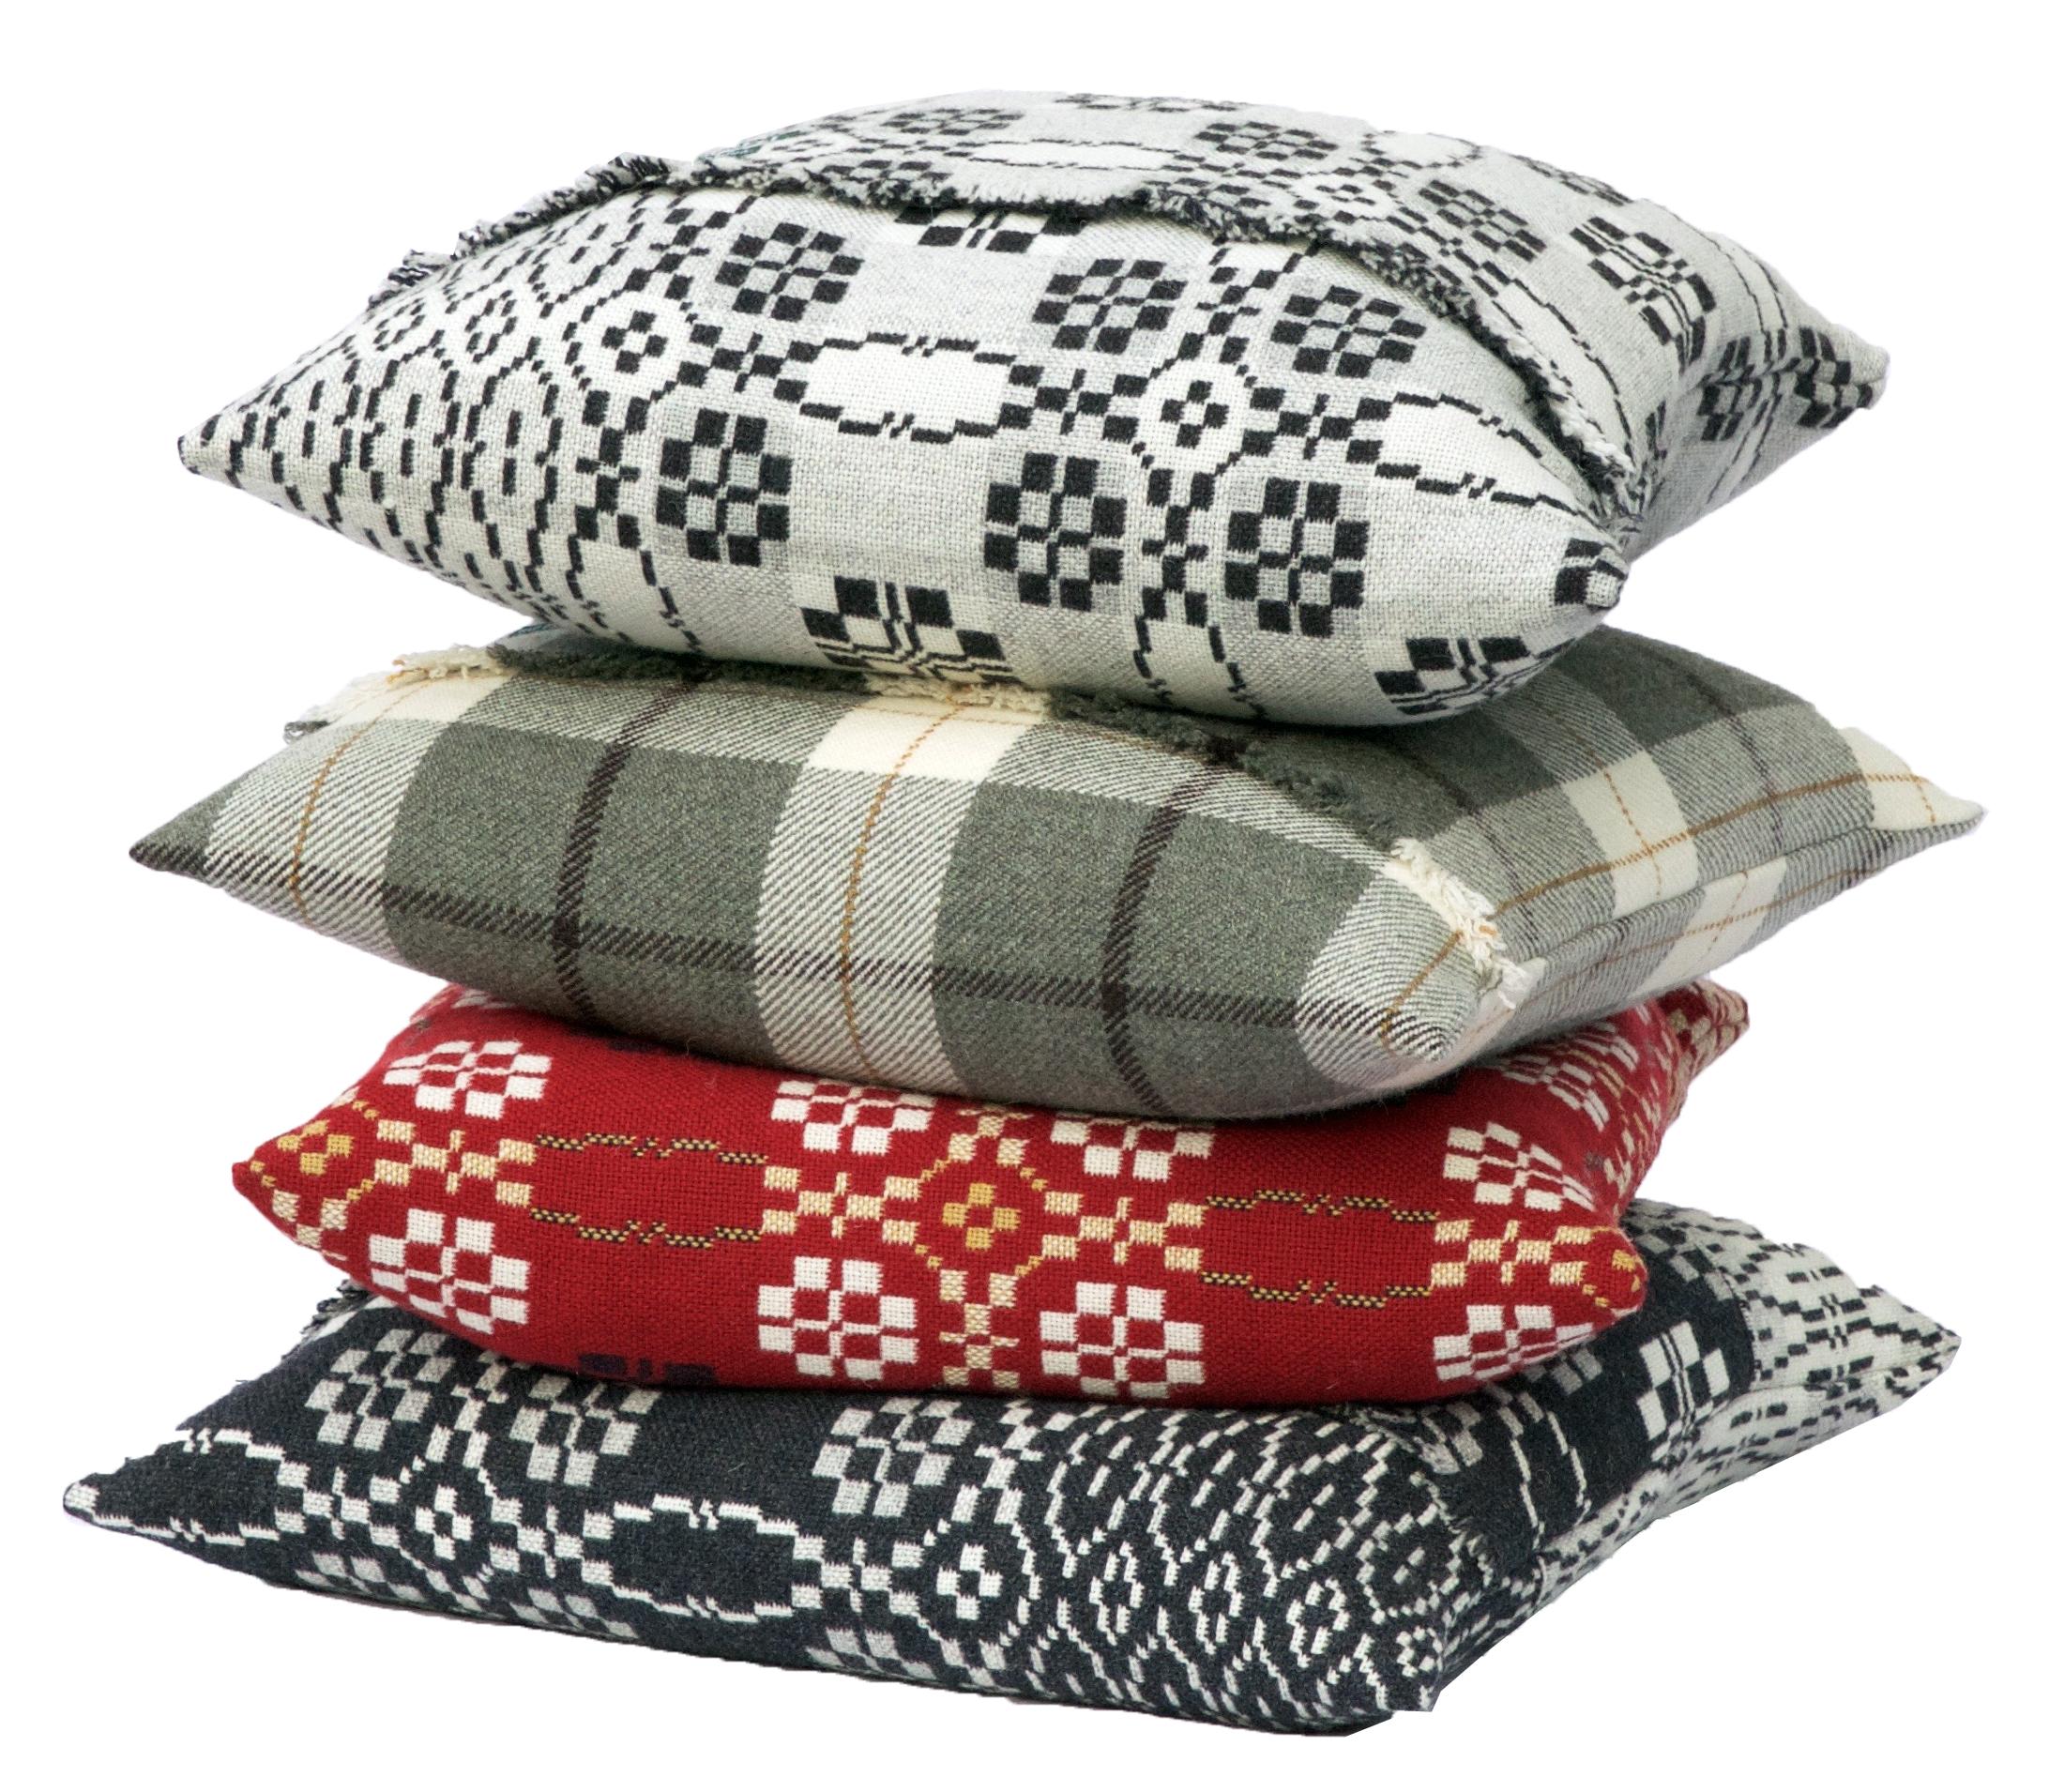 Blanket cushions - £60